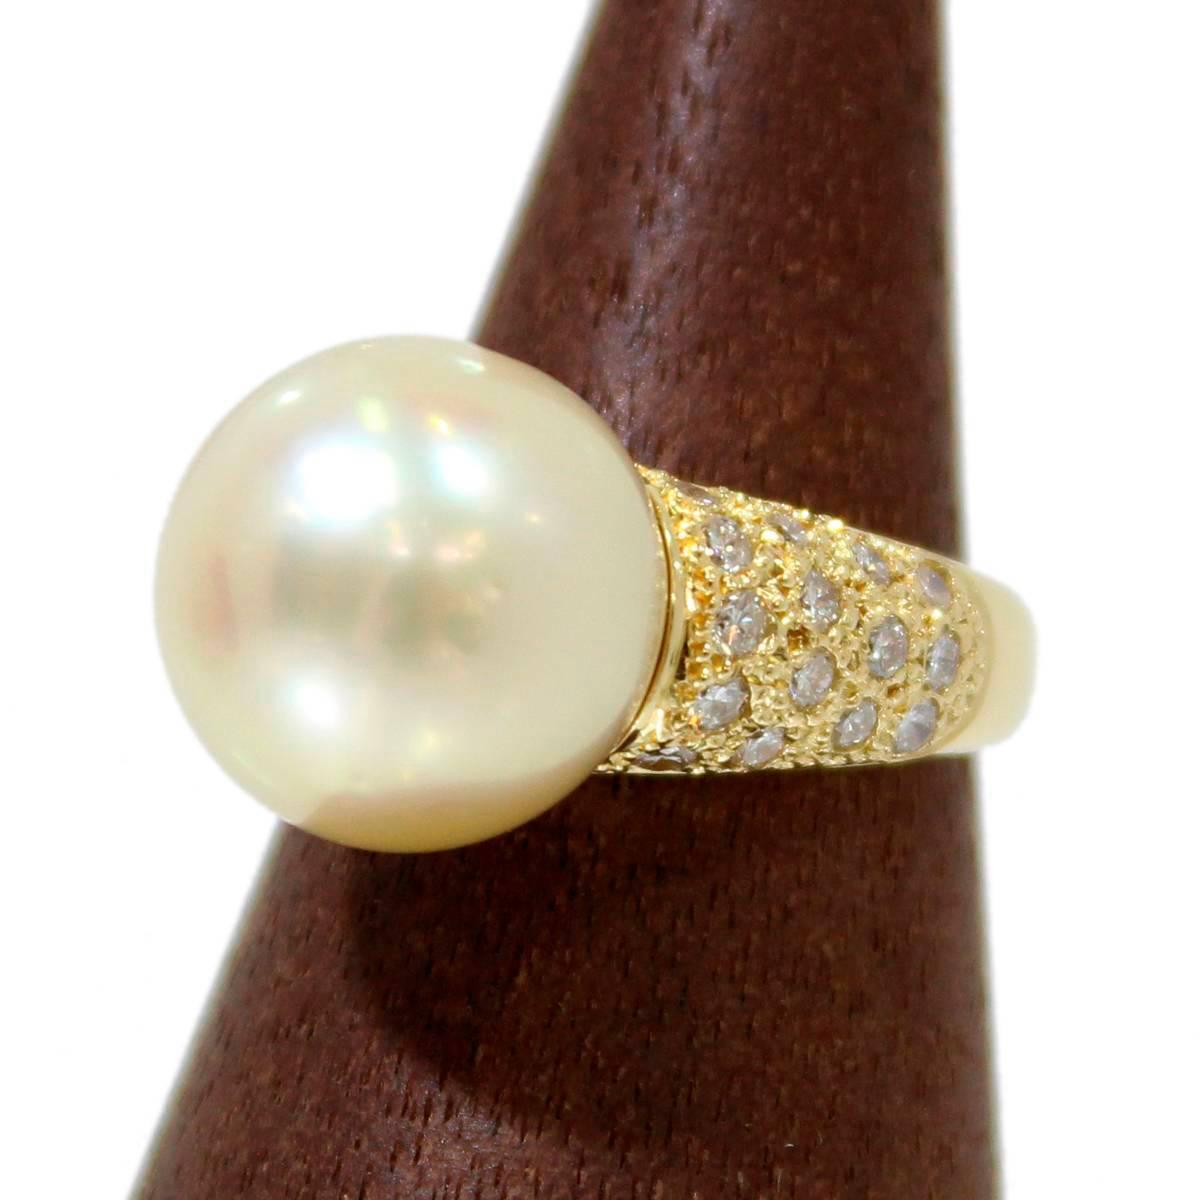 【中古】 南洋真珠リング 約12号 パール K18×ダイヤモンド×南洋真珠 総重量:8.3g FS 美品 磨き仕上げ Aランク